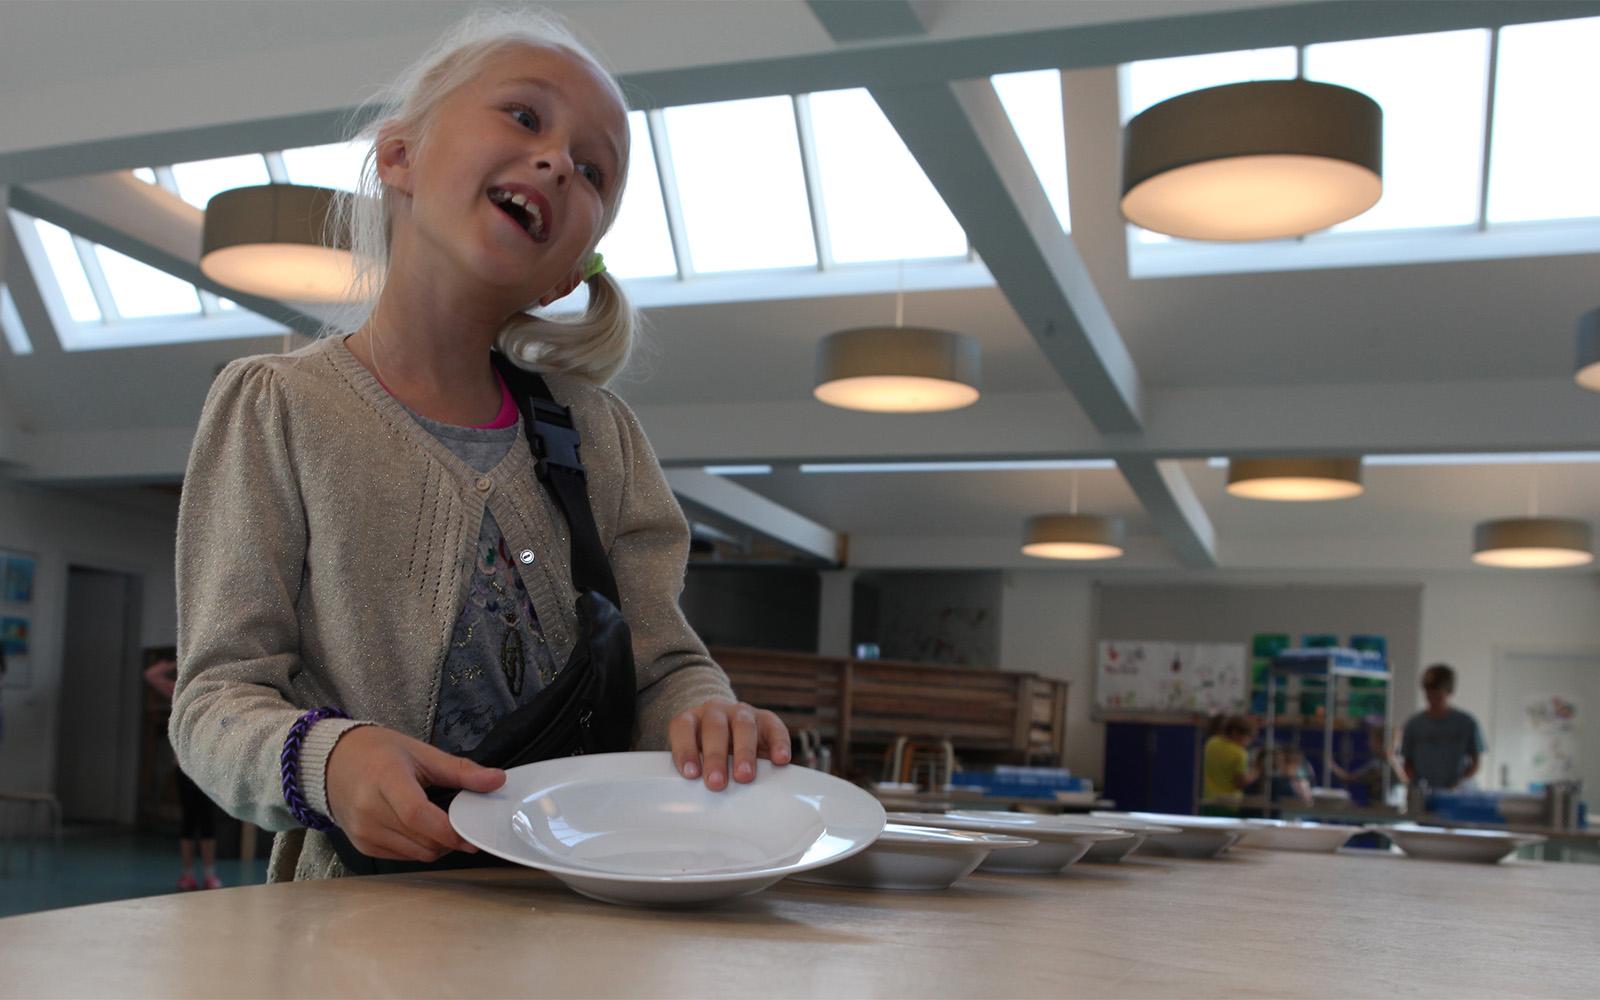 Schülerin in der mit Dachverglasung und künstlicher Beleuchtung belichteten Cafeteria